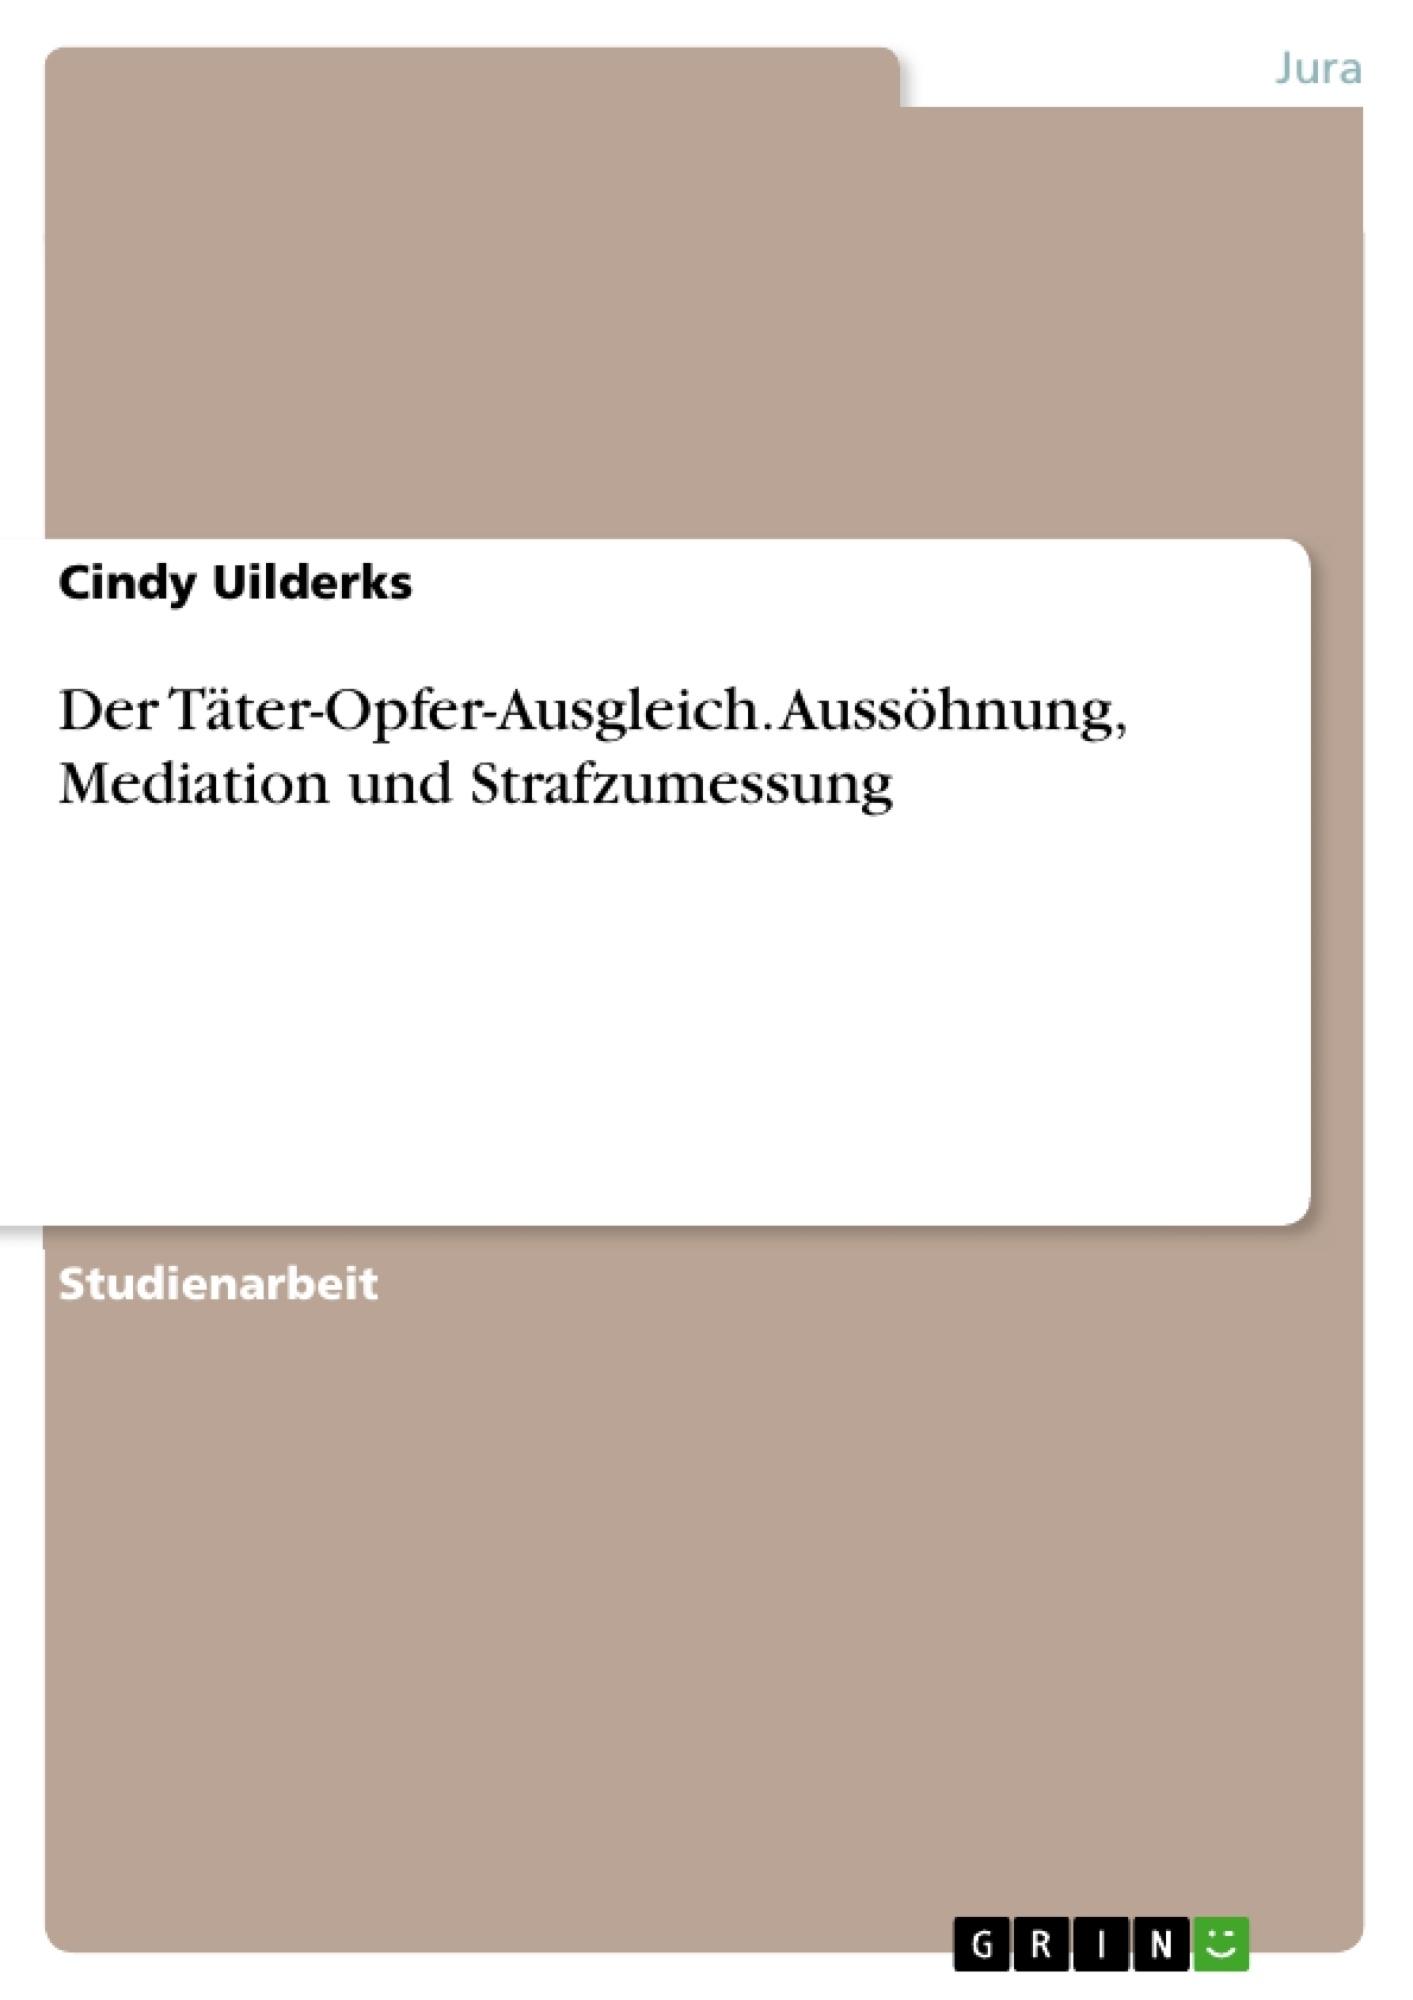 Titel: Der Täter-Opfer-Ausgleich. Aussöhnung, Mediation und Strafzumessung